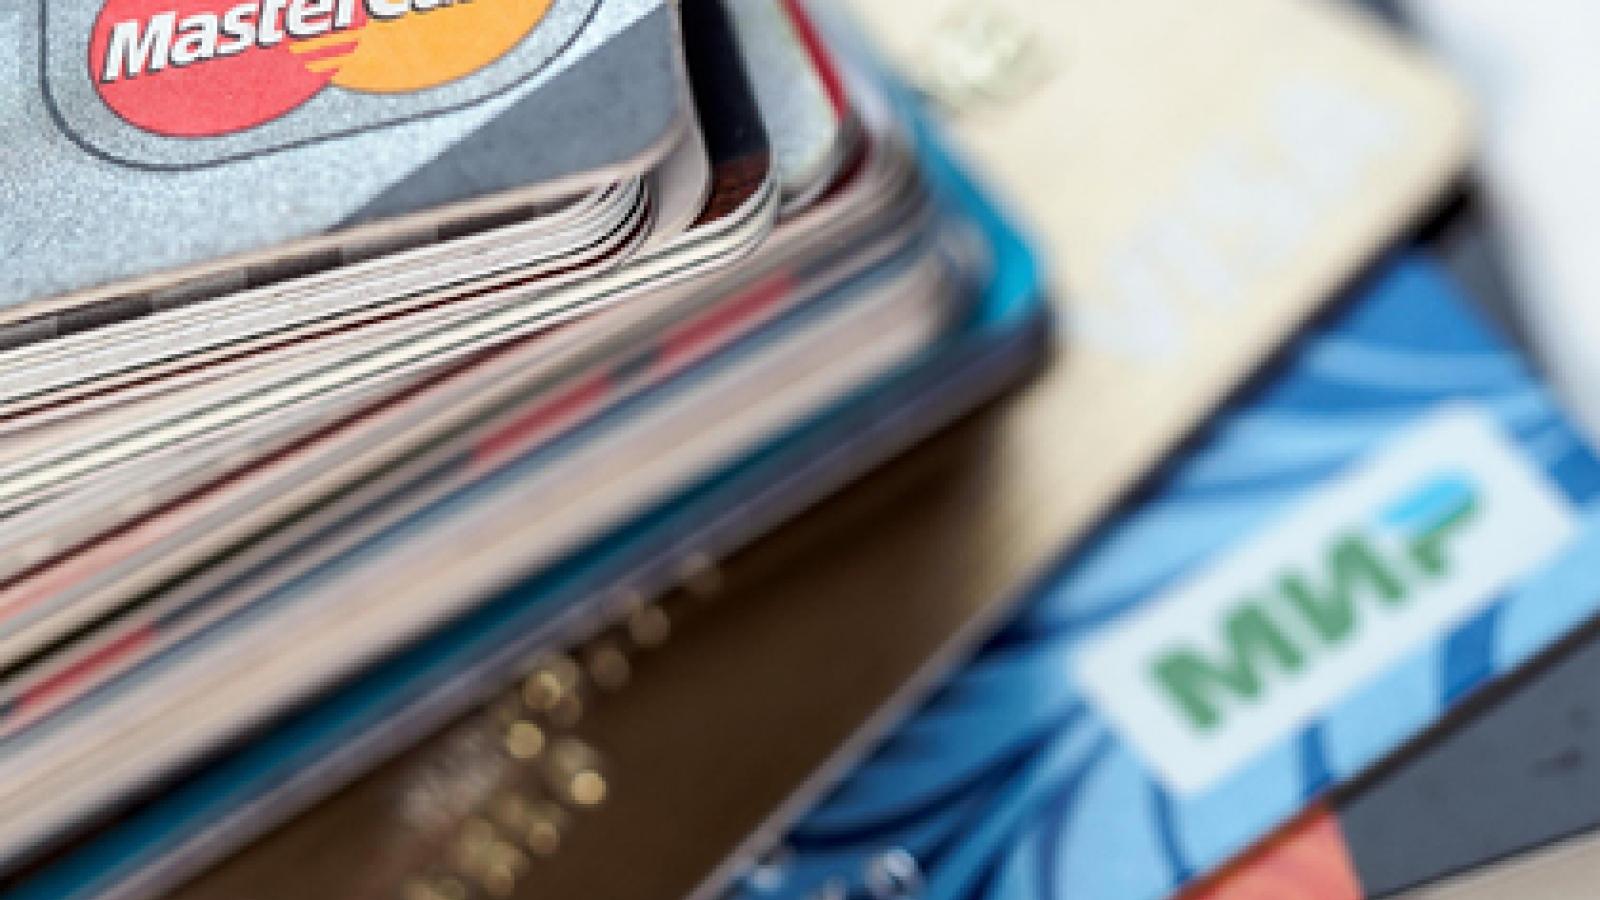 Điện Kremlin không loại trừ việc Nga ngắt kết nối với thẻ thanh toán quốc tế